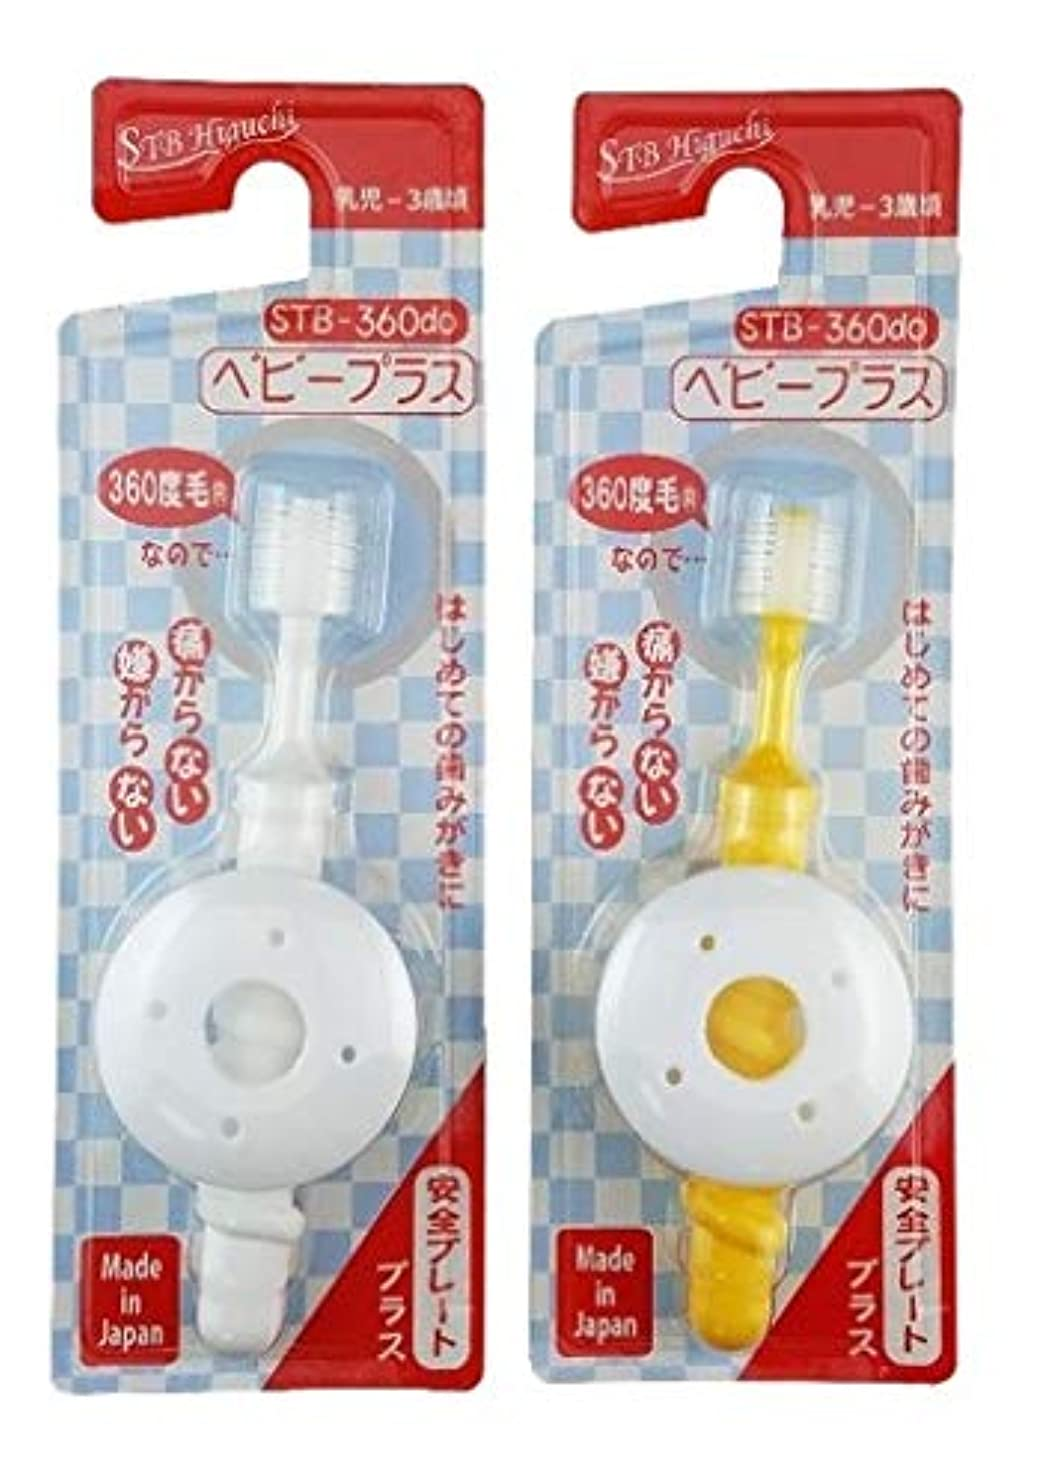 通常犯人コットン360度歯ブラシ STB-360do ベビープラス(カラーは1色おまかせ)